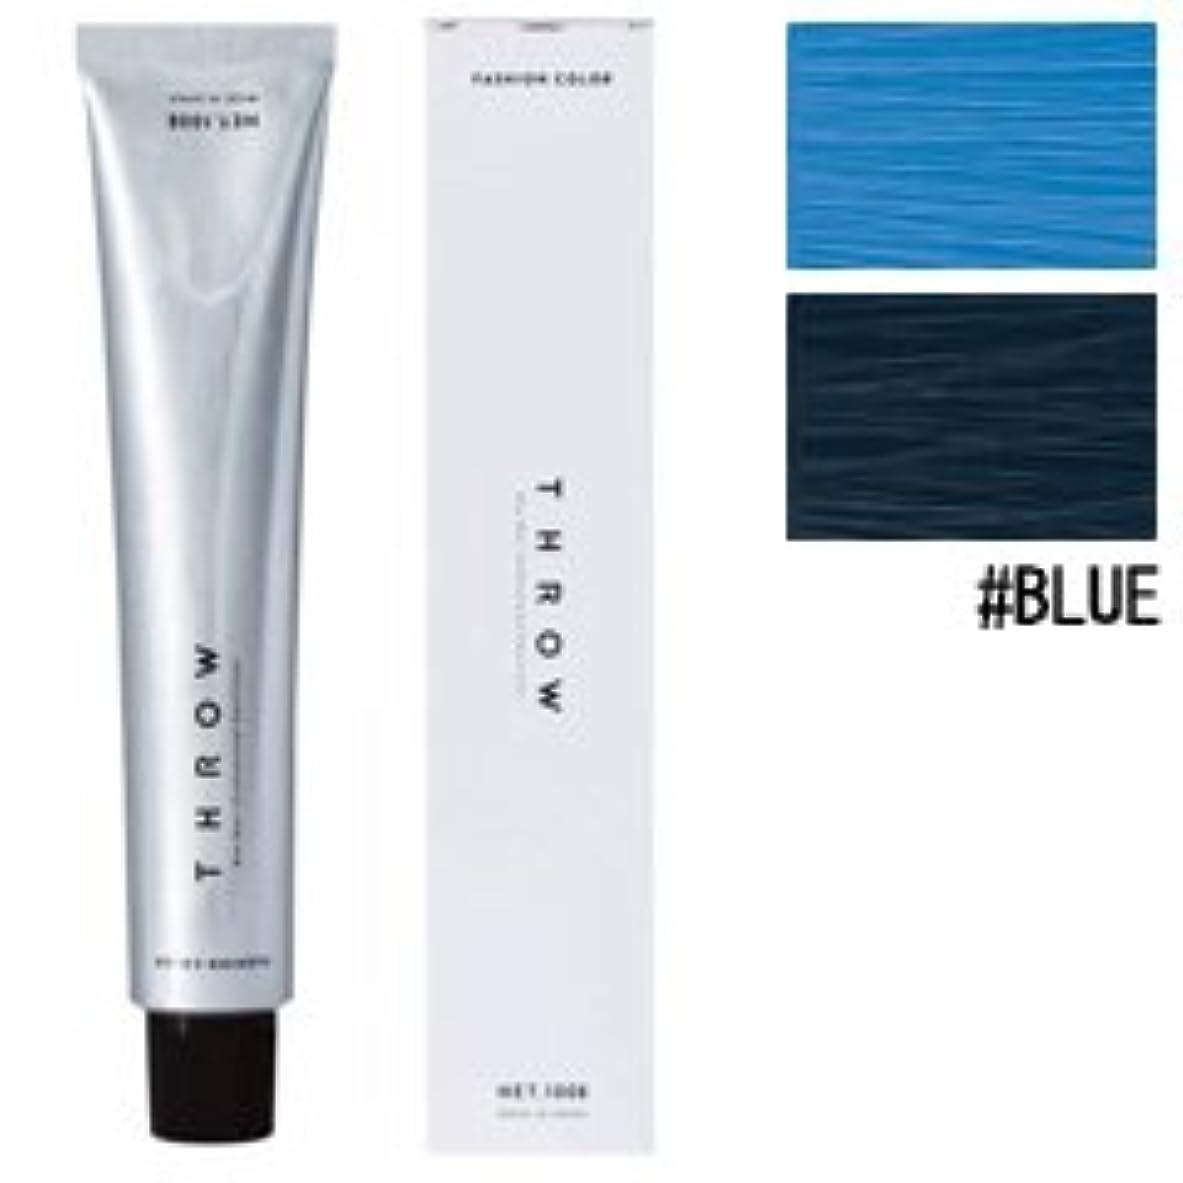 共和党教育浸漬【モルトベーネ】スロウ ファッションカラー #BLUE 100g